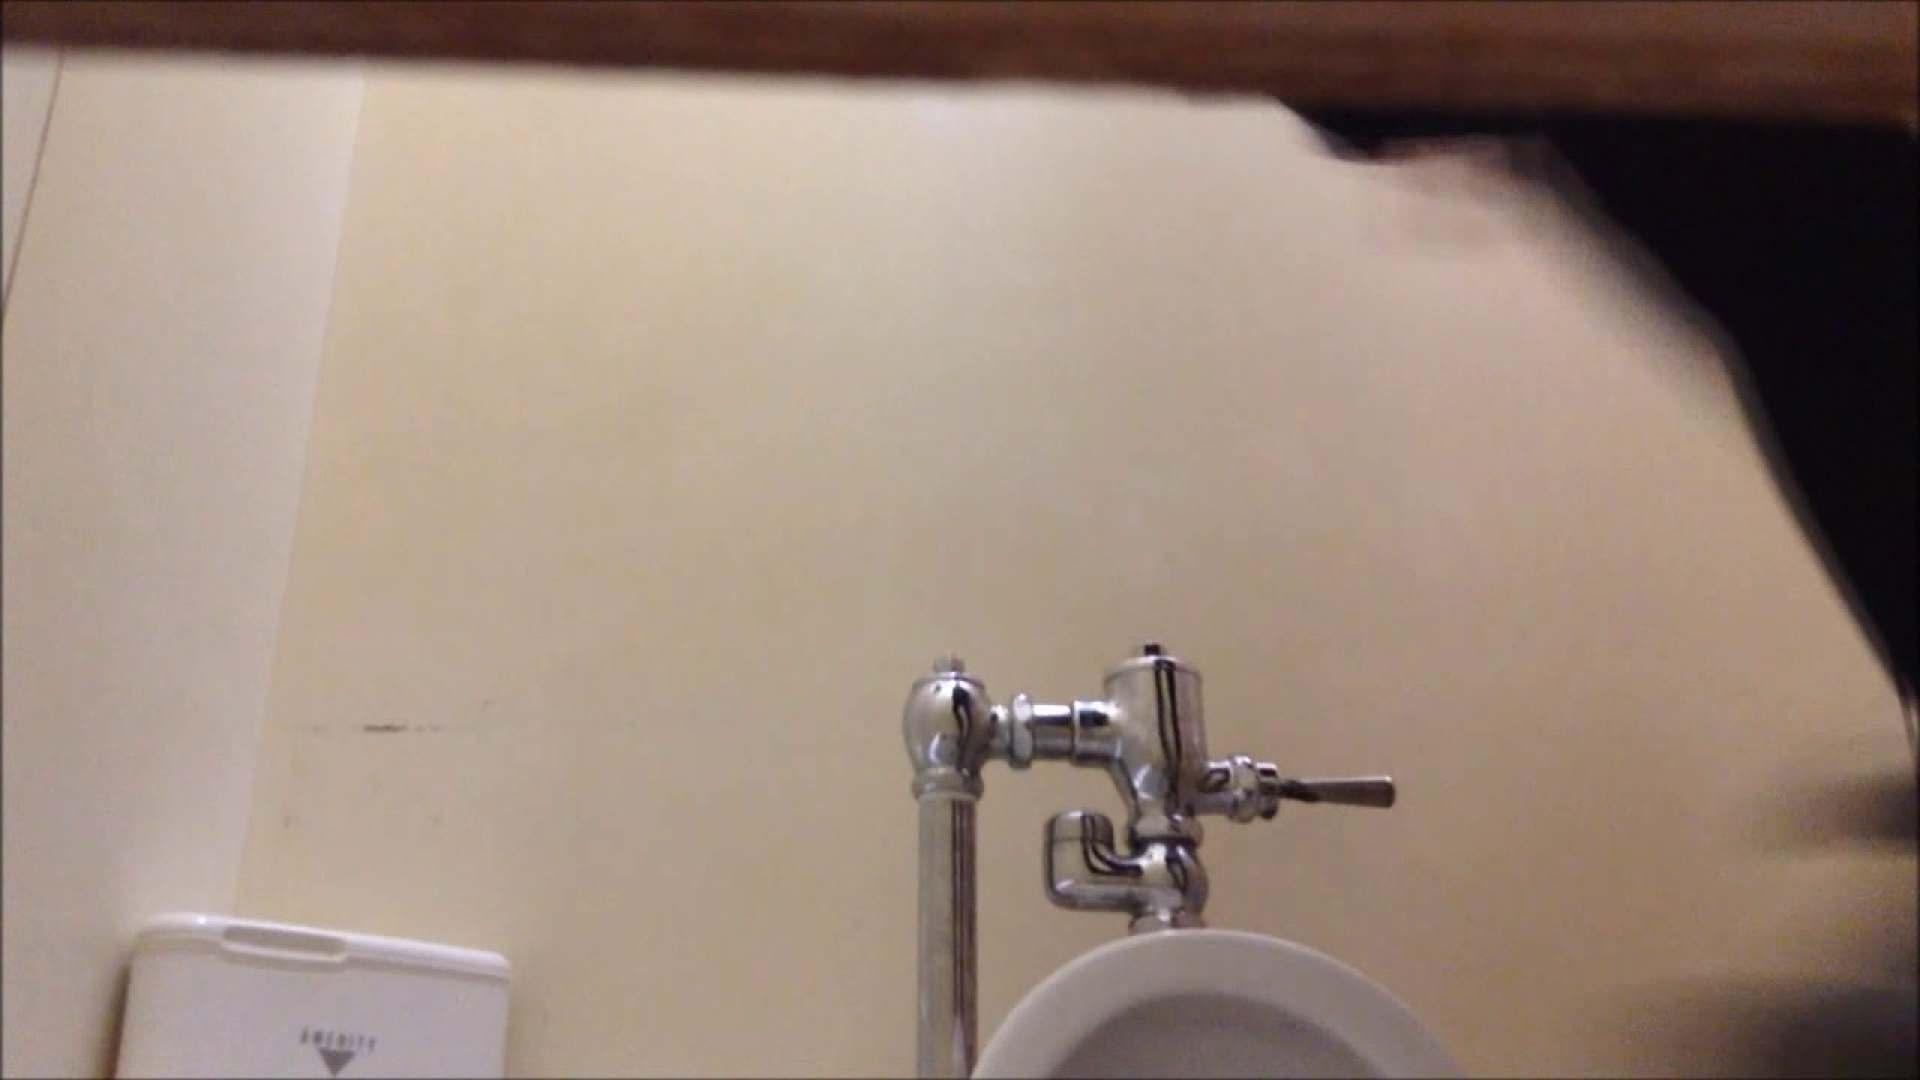 某有名大学女性洗面所 vol.04 エッチすぎるOL達 ぱこり動画紹介 42連発 8